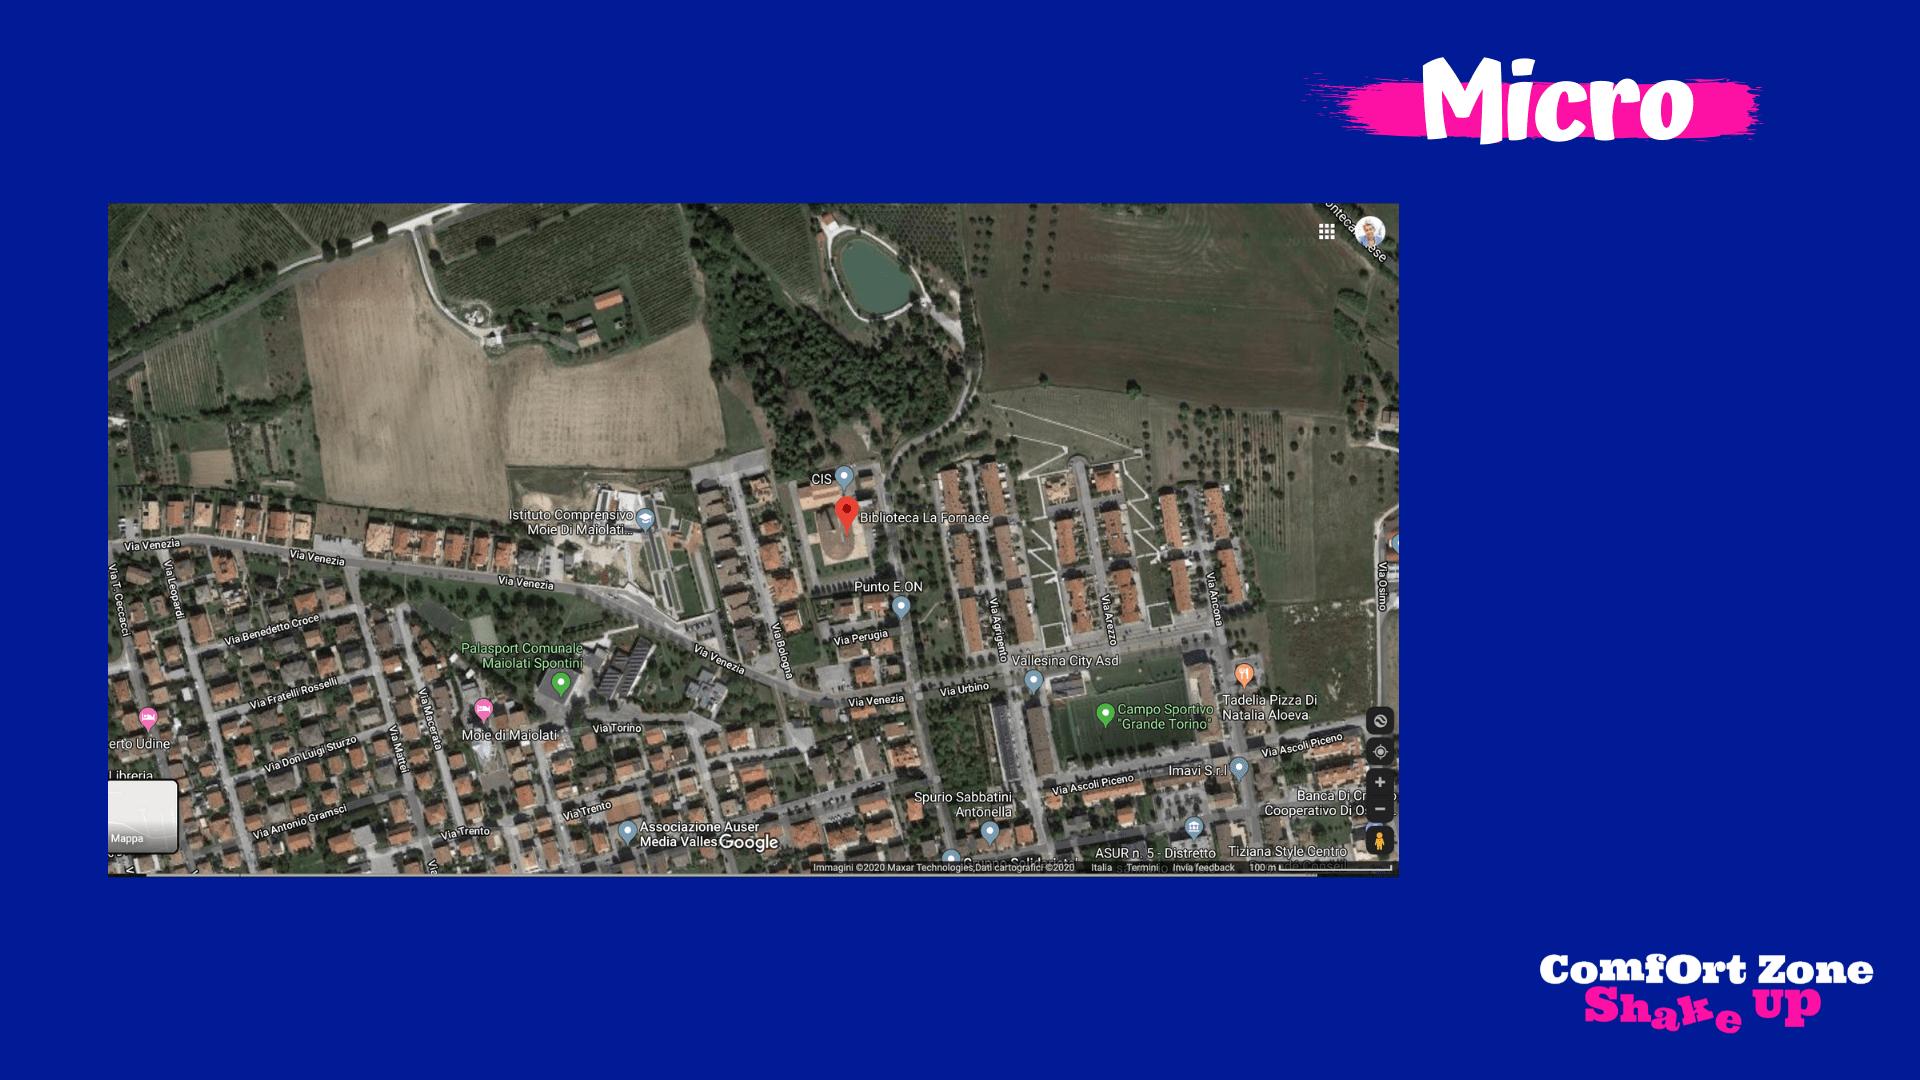 La Biblioteca dalle Mappe di Google (Micro)